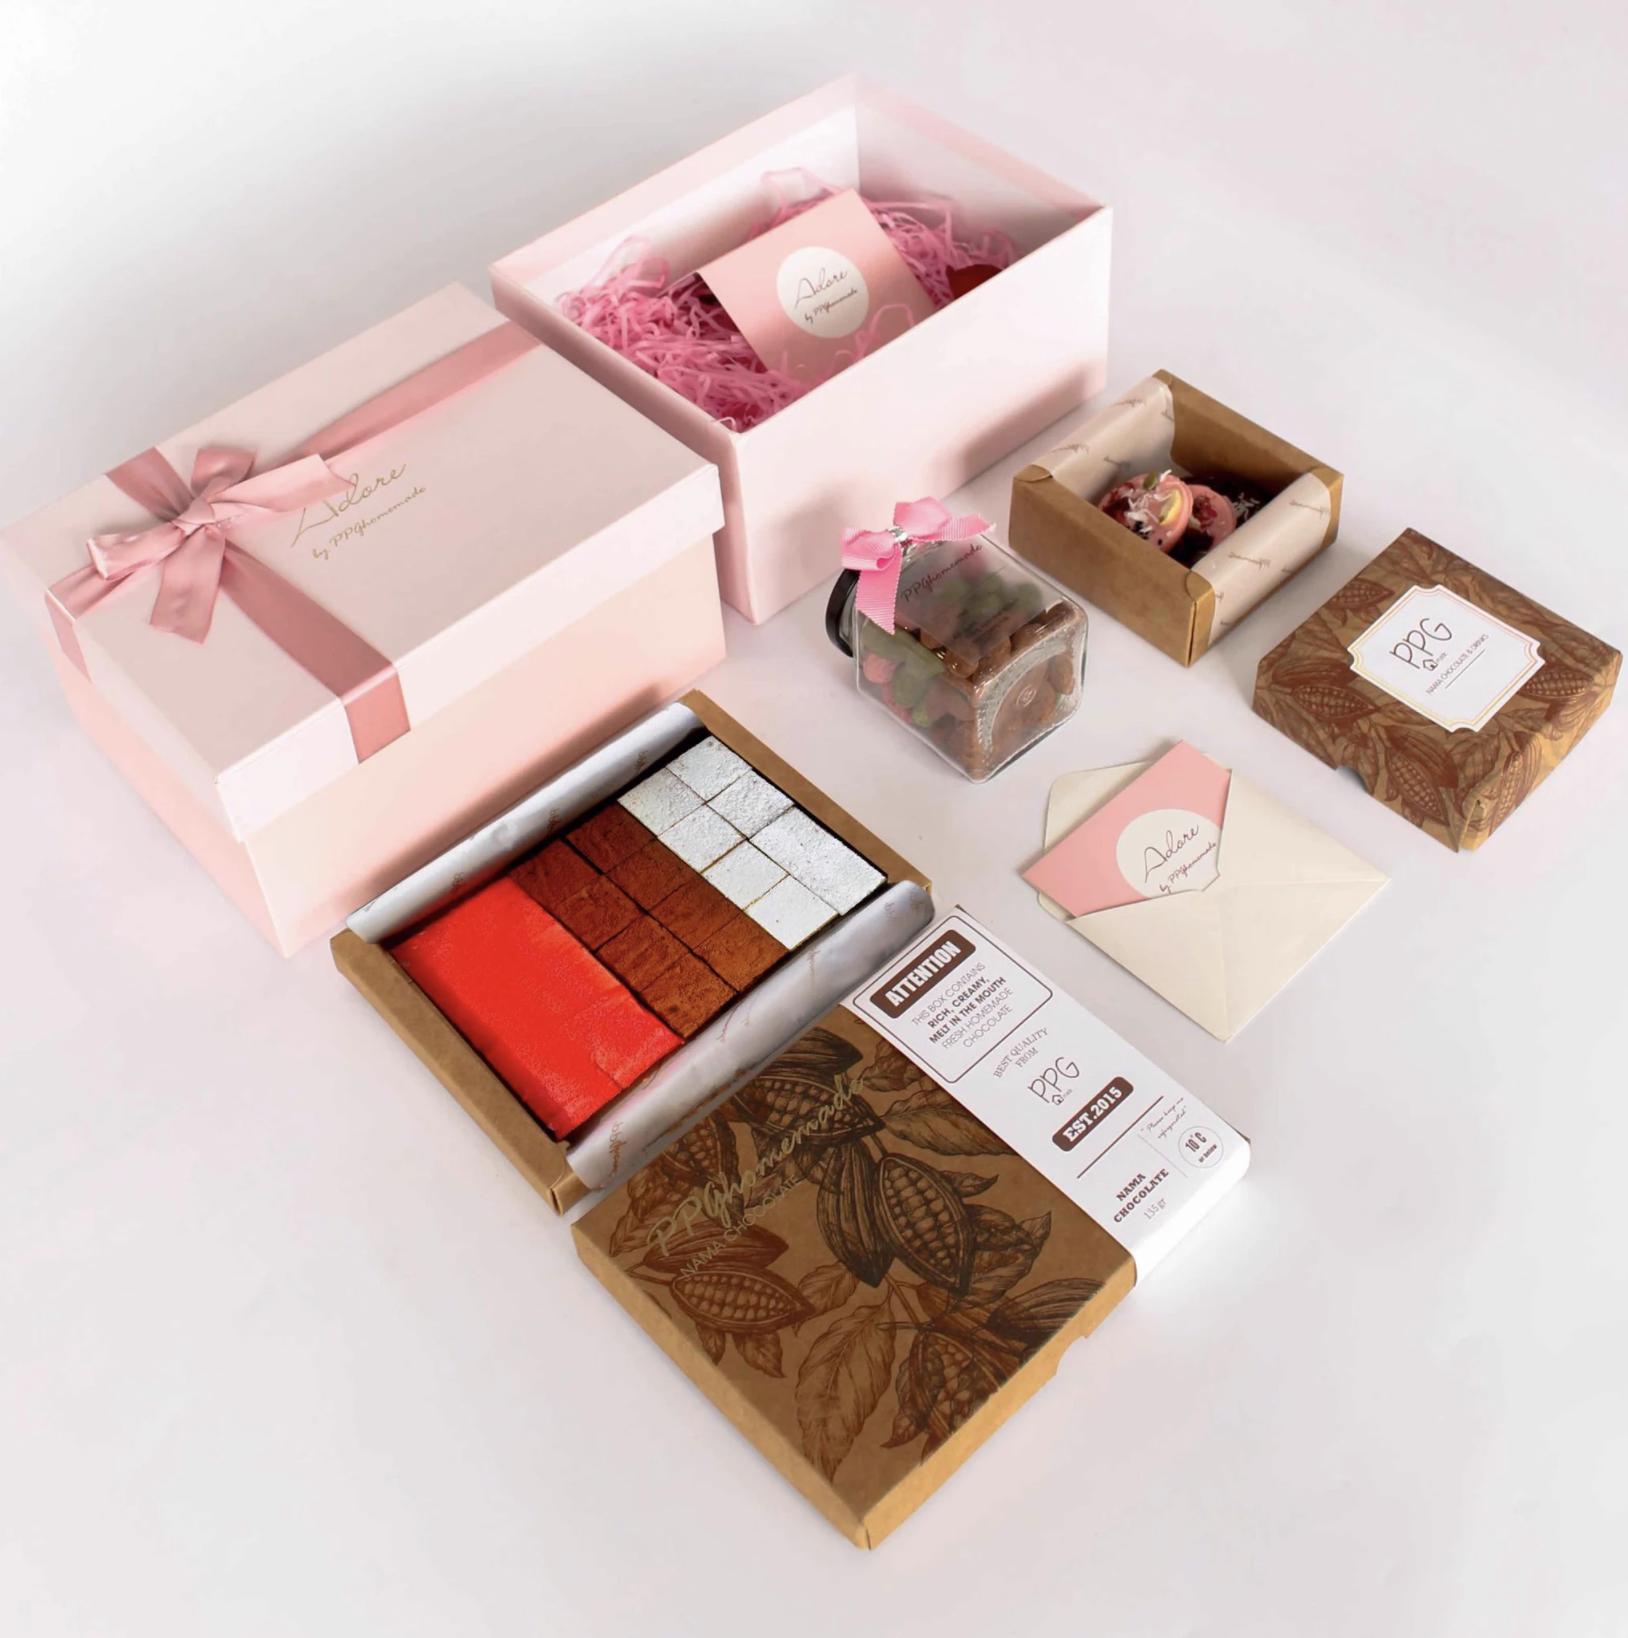 Valentine là phải tặng chocolate: Quà đơn giản nhưng ngọt ngào lịm tim - Ảnh 2.